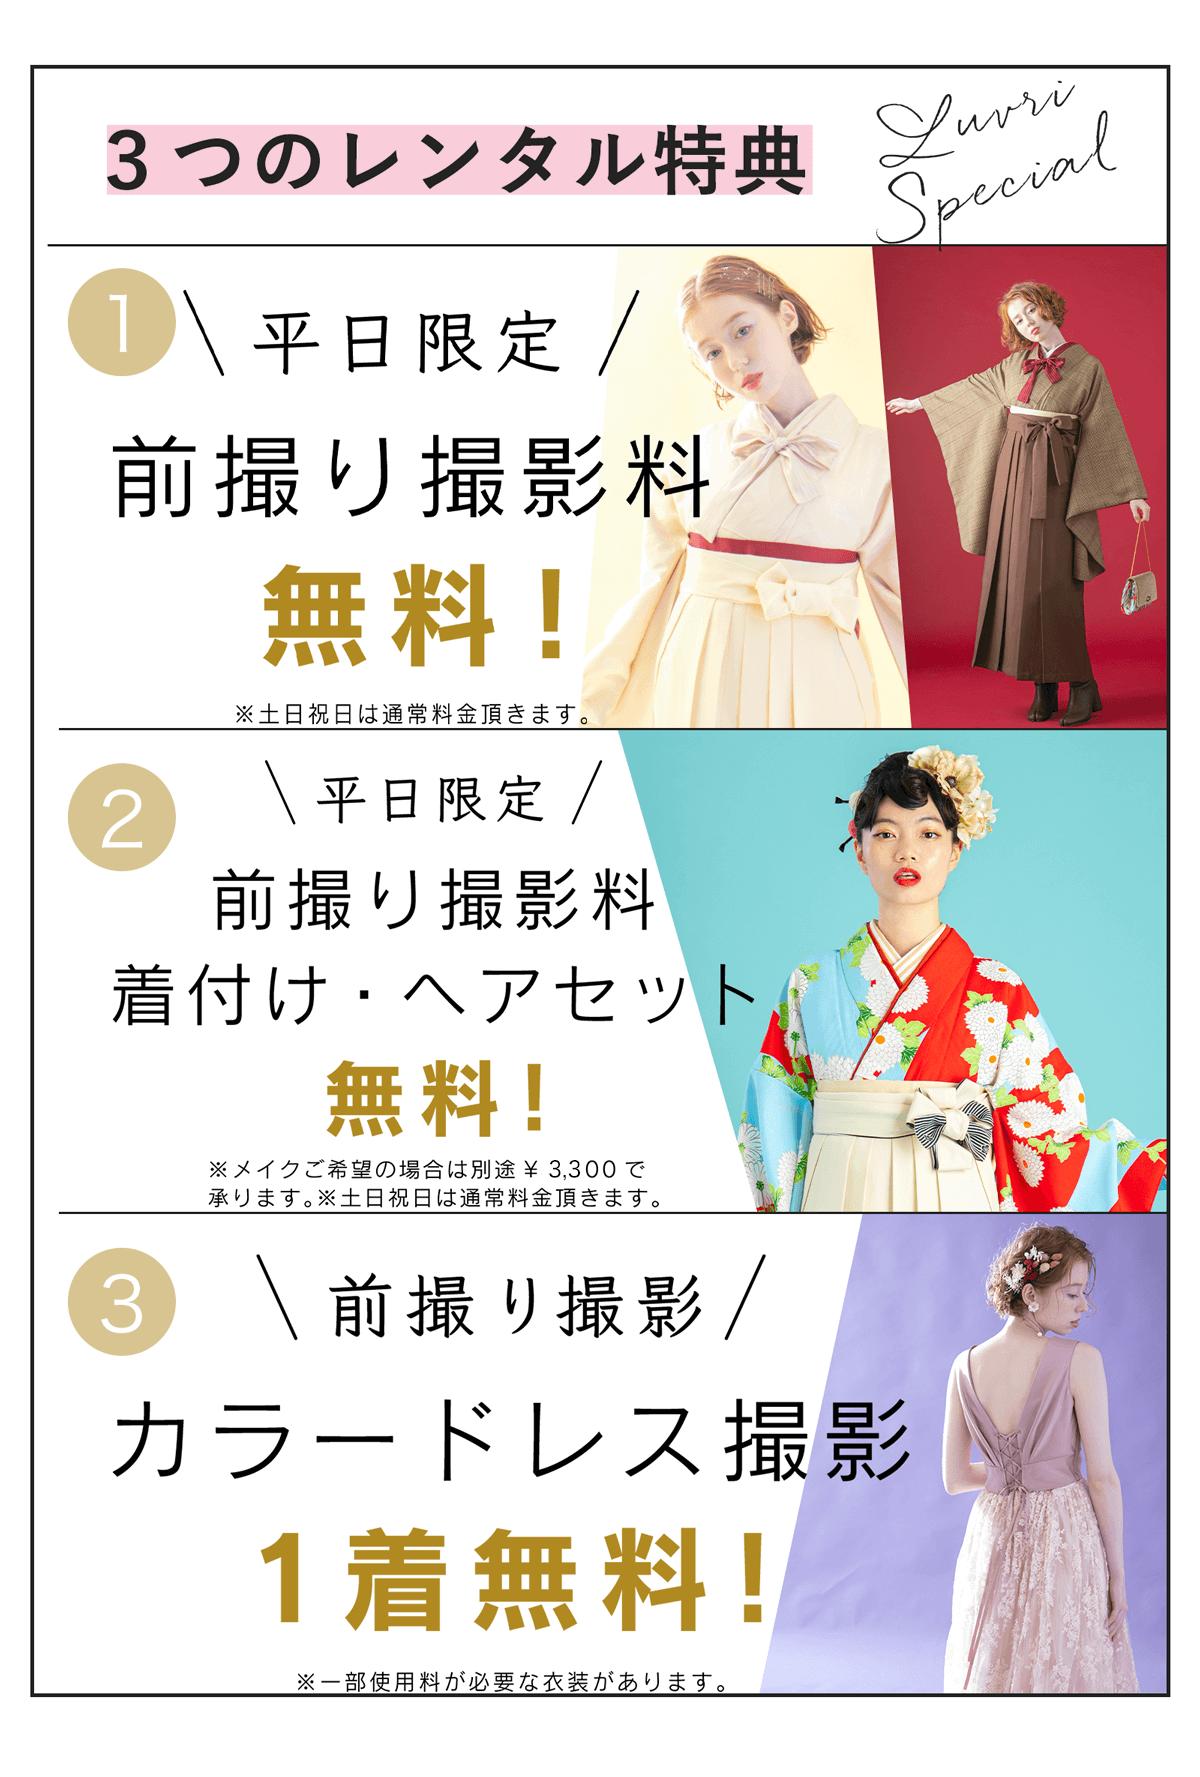 卒業袴レンタル特典